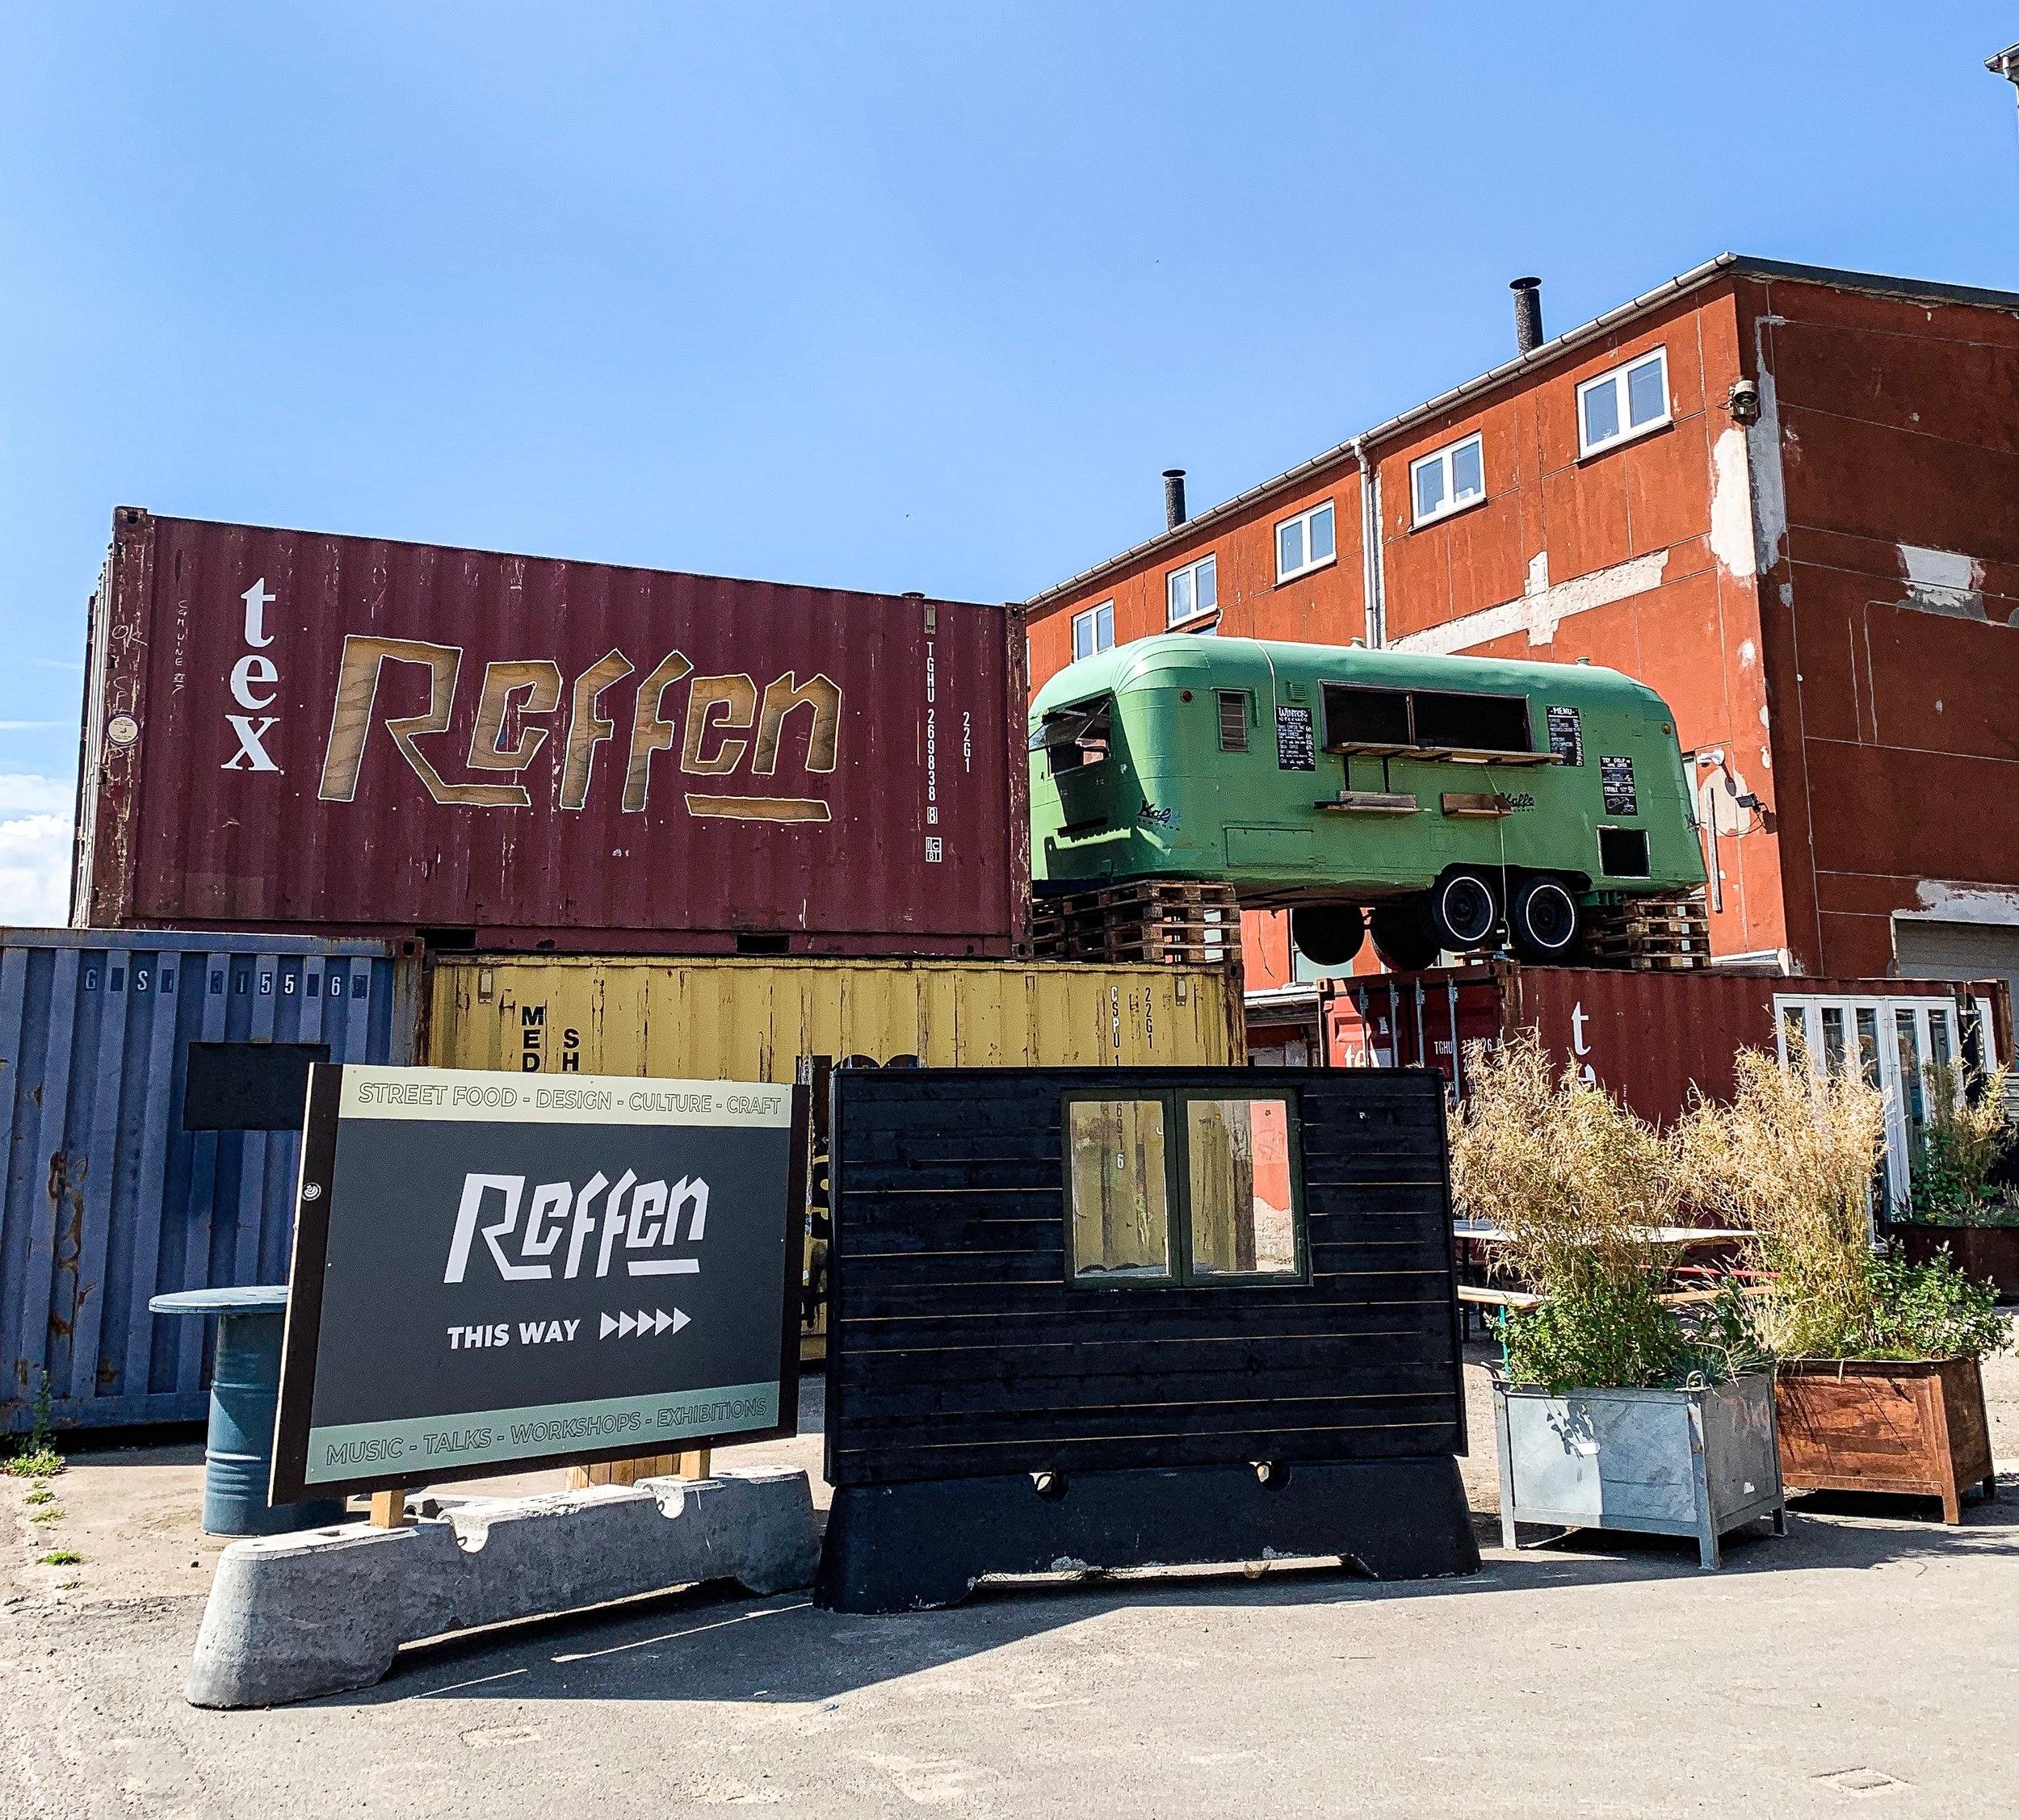 Reffen by Copenhagen Street Food